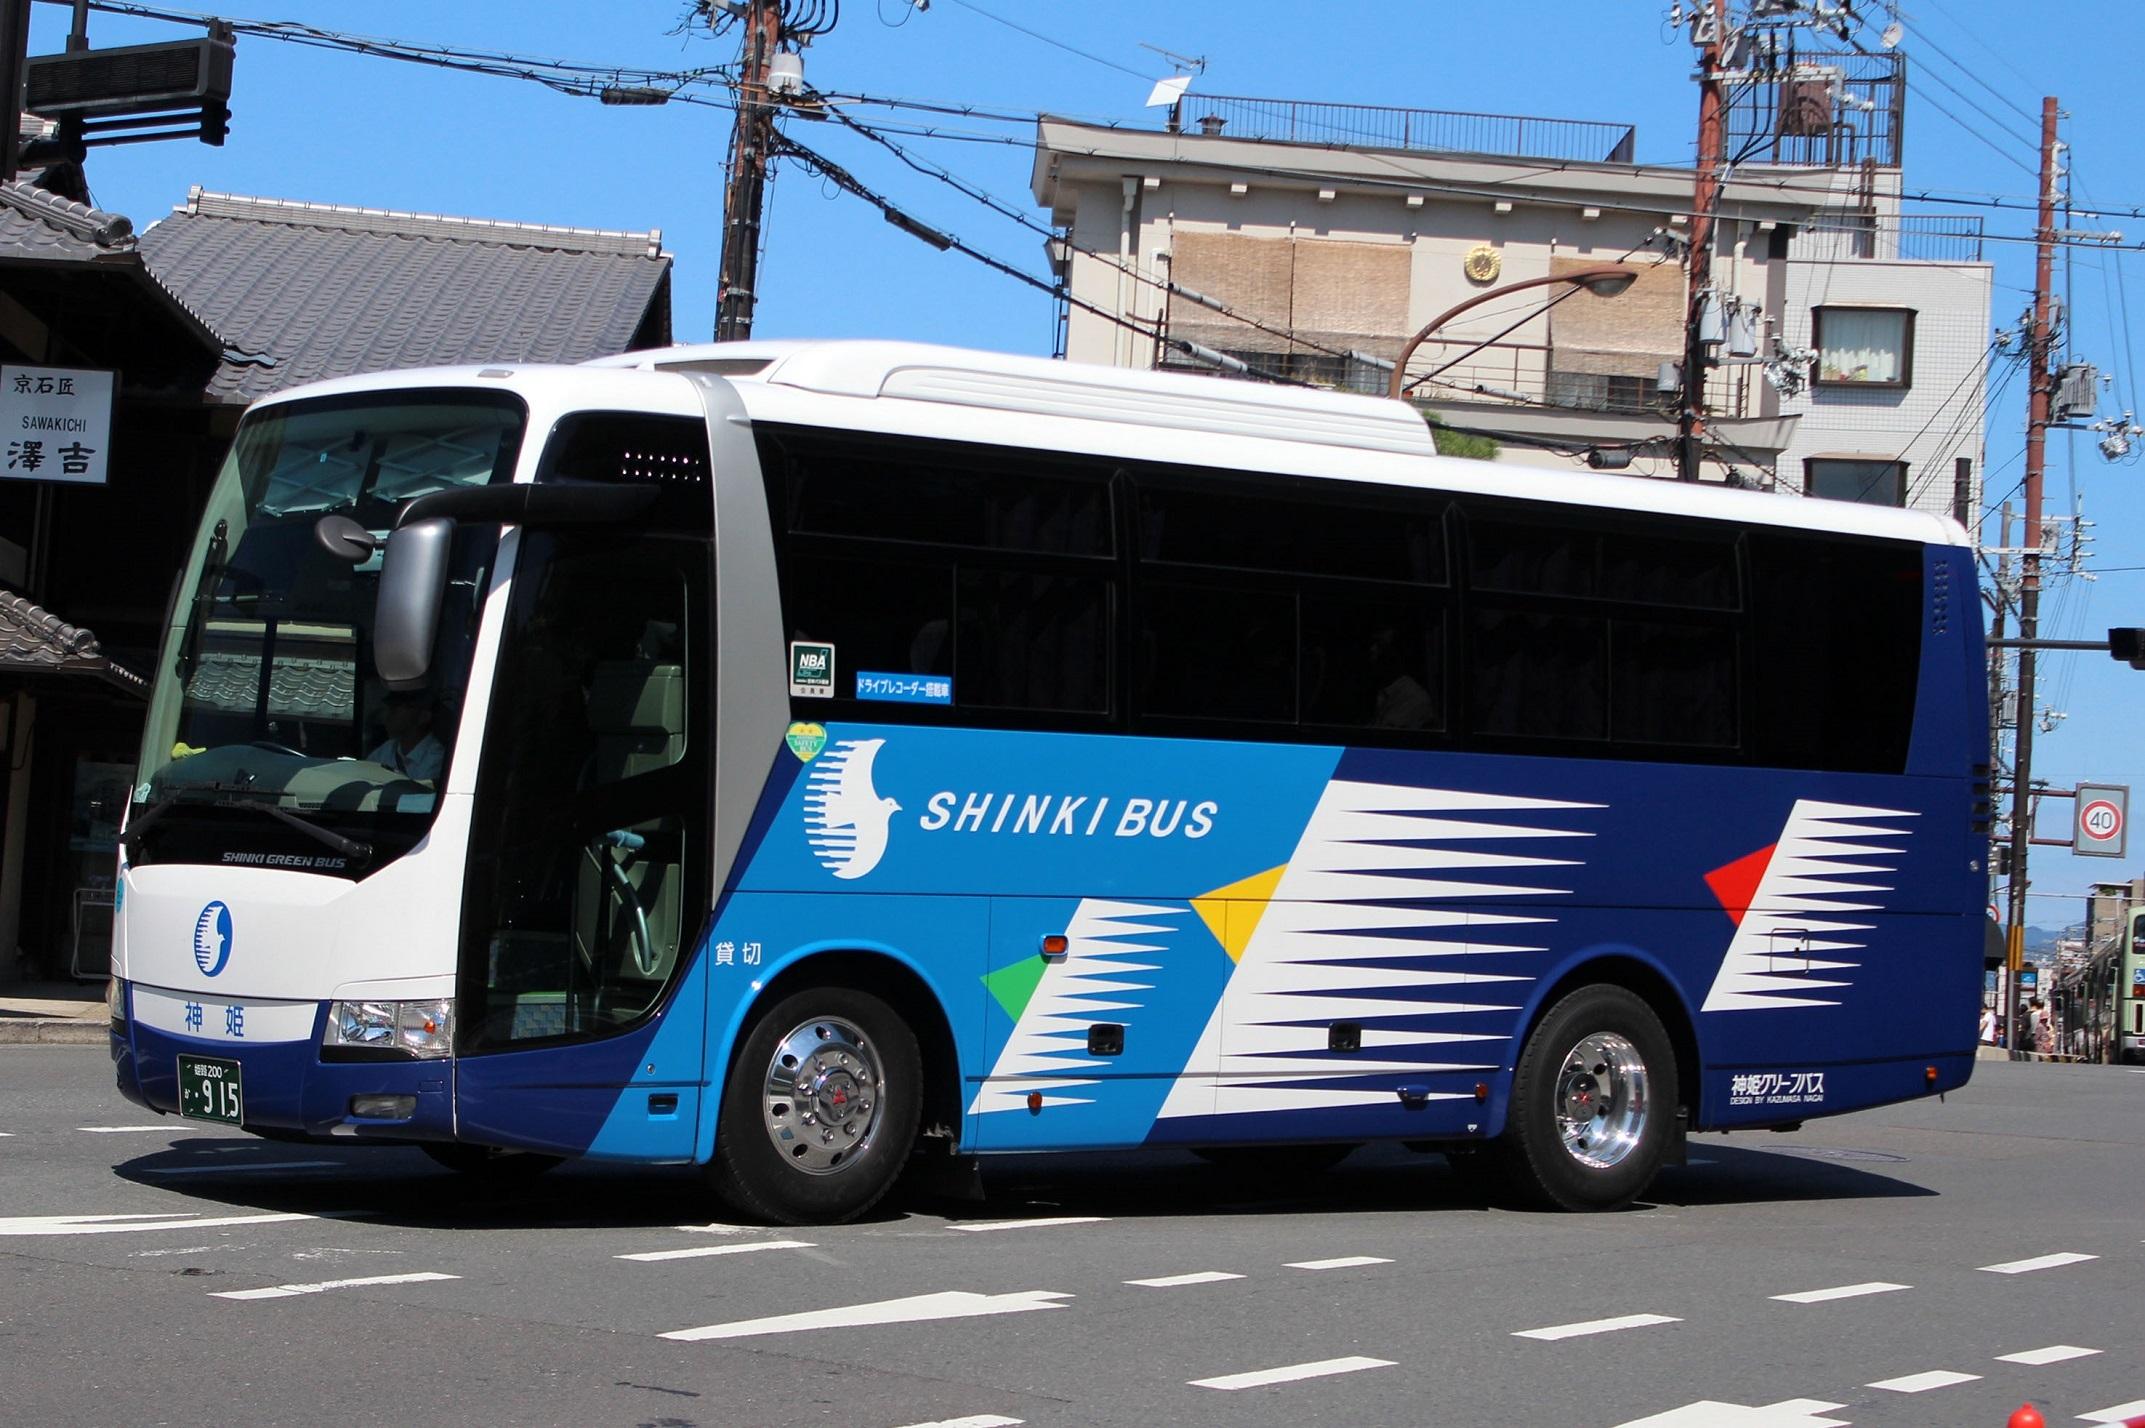 神姫グリーンバス か915